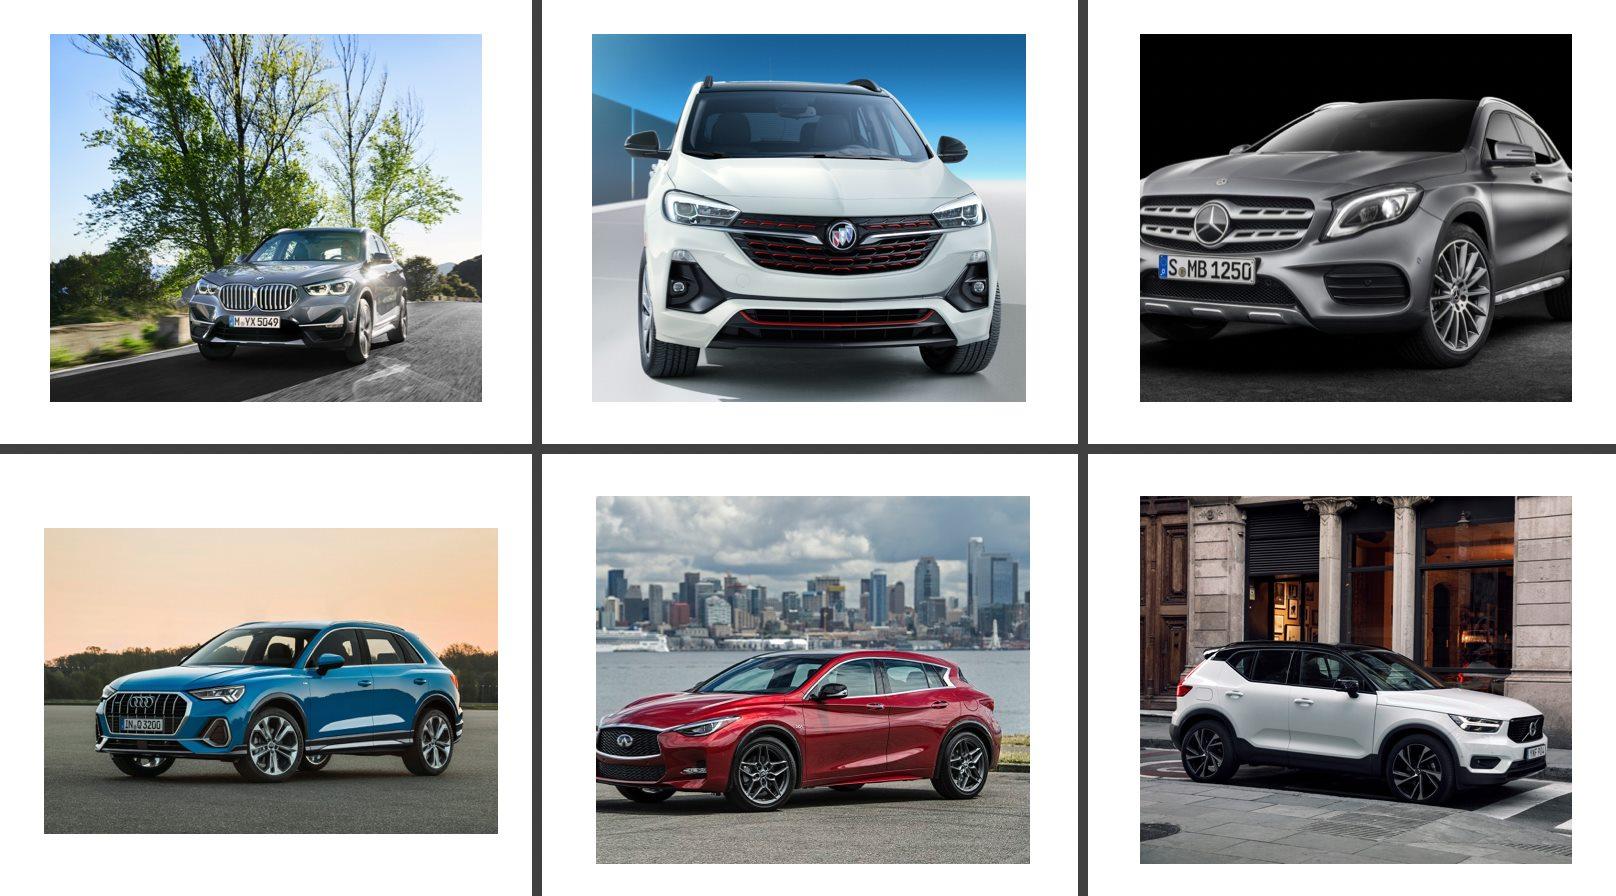 SUV premium compactos comparativa